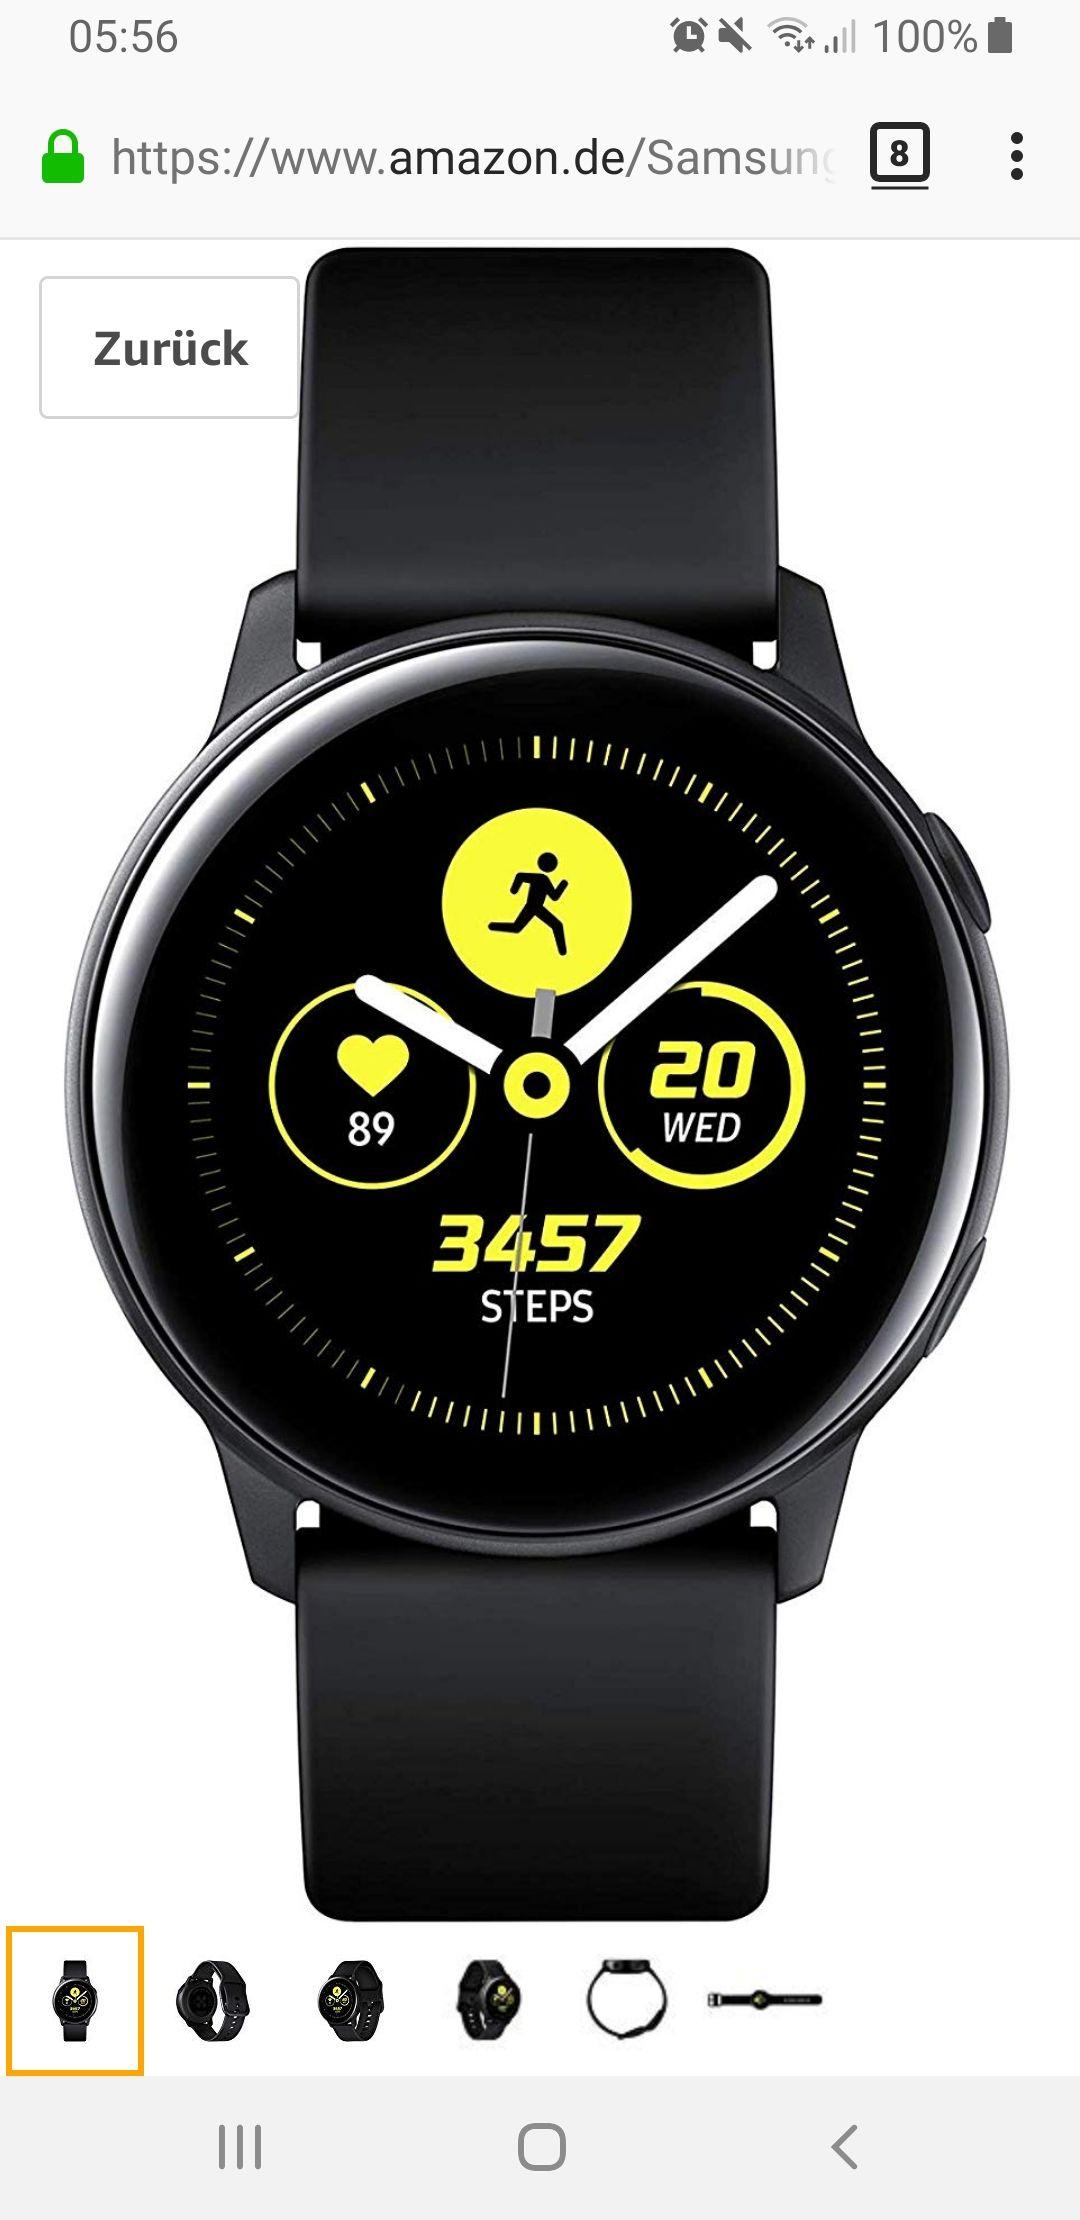 Samsung Galaxy Watch Active jetzt bei Amazon